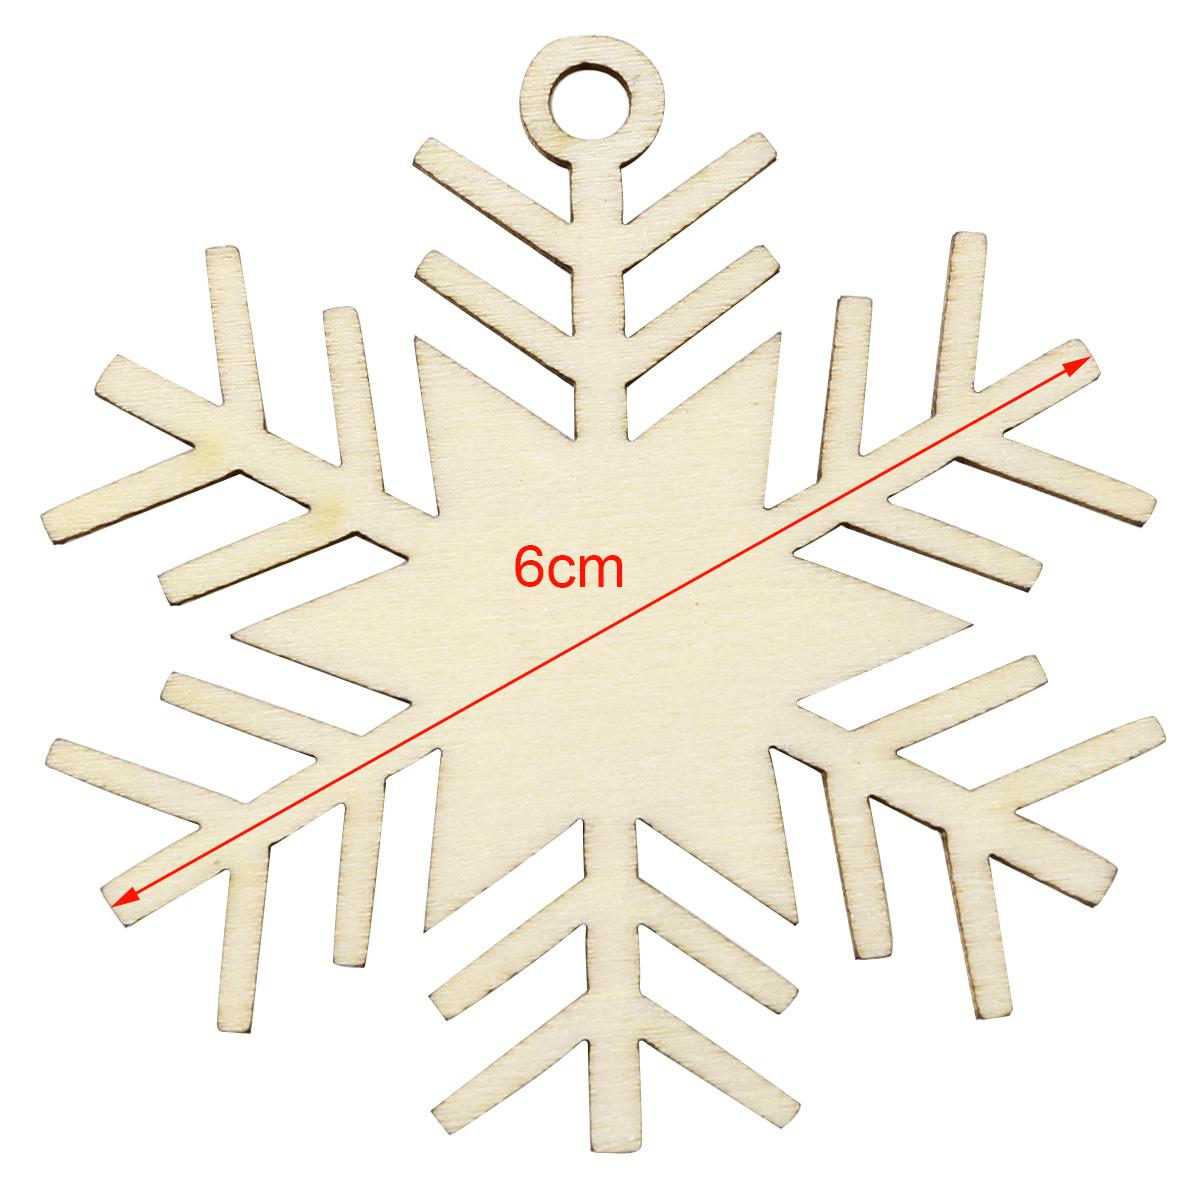 40 x 6cm Holz Anhänger Hänge-Etiketten Weihnachten ...